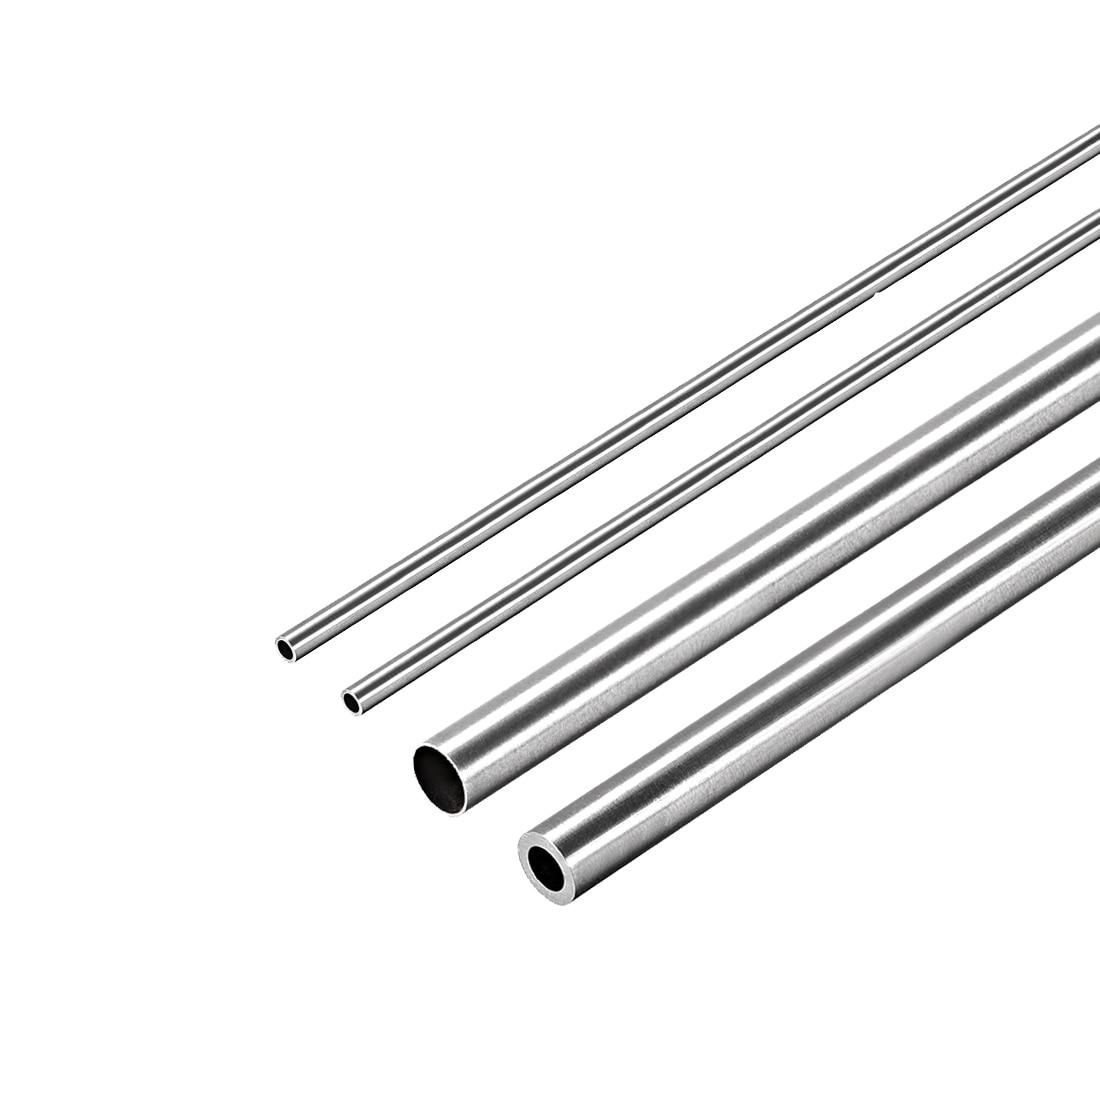 Tubulação redonda de aço inoxidável 3mm 4mm 5mm od 304mm do comprimento do tubo reto sem emenda da tubulação 250mm-espessura da parede de 1mm uxcell 2 pces 0.2